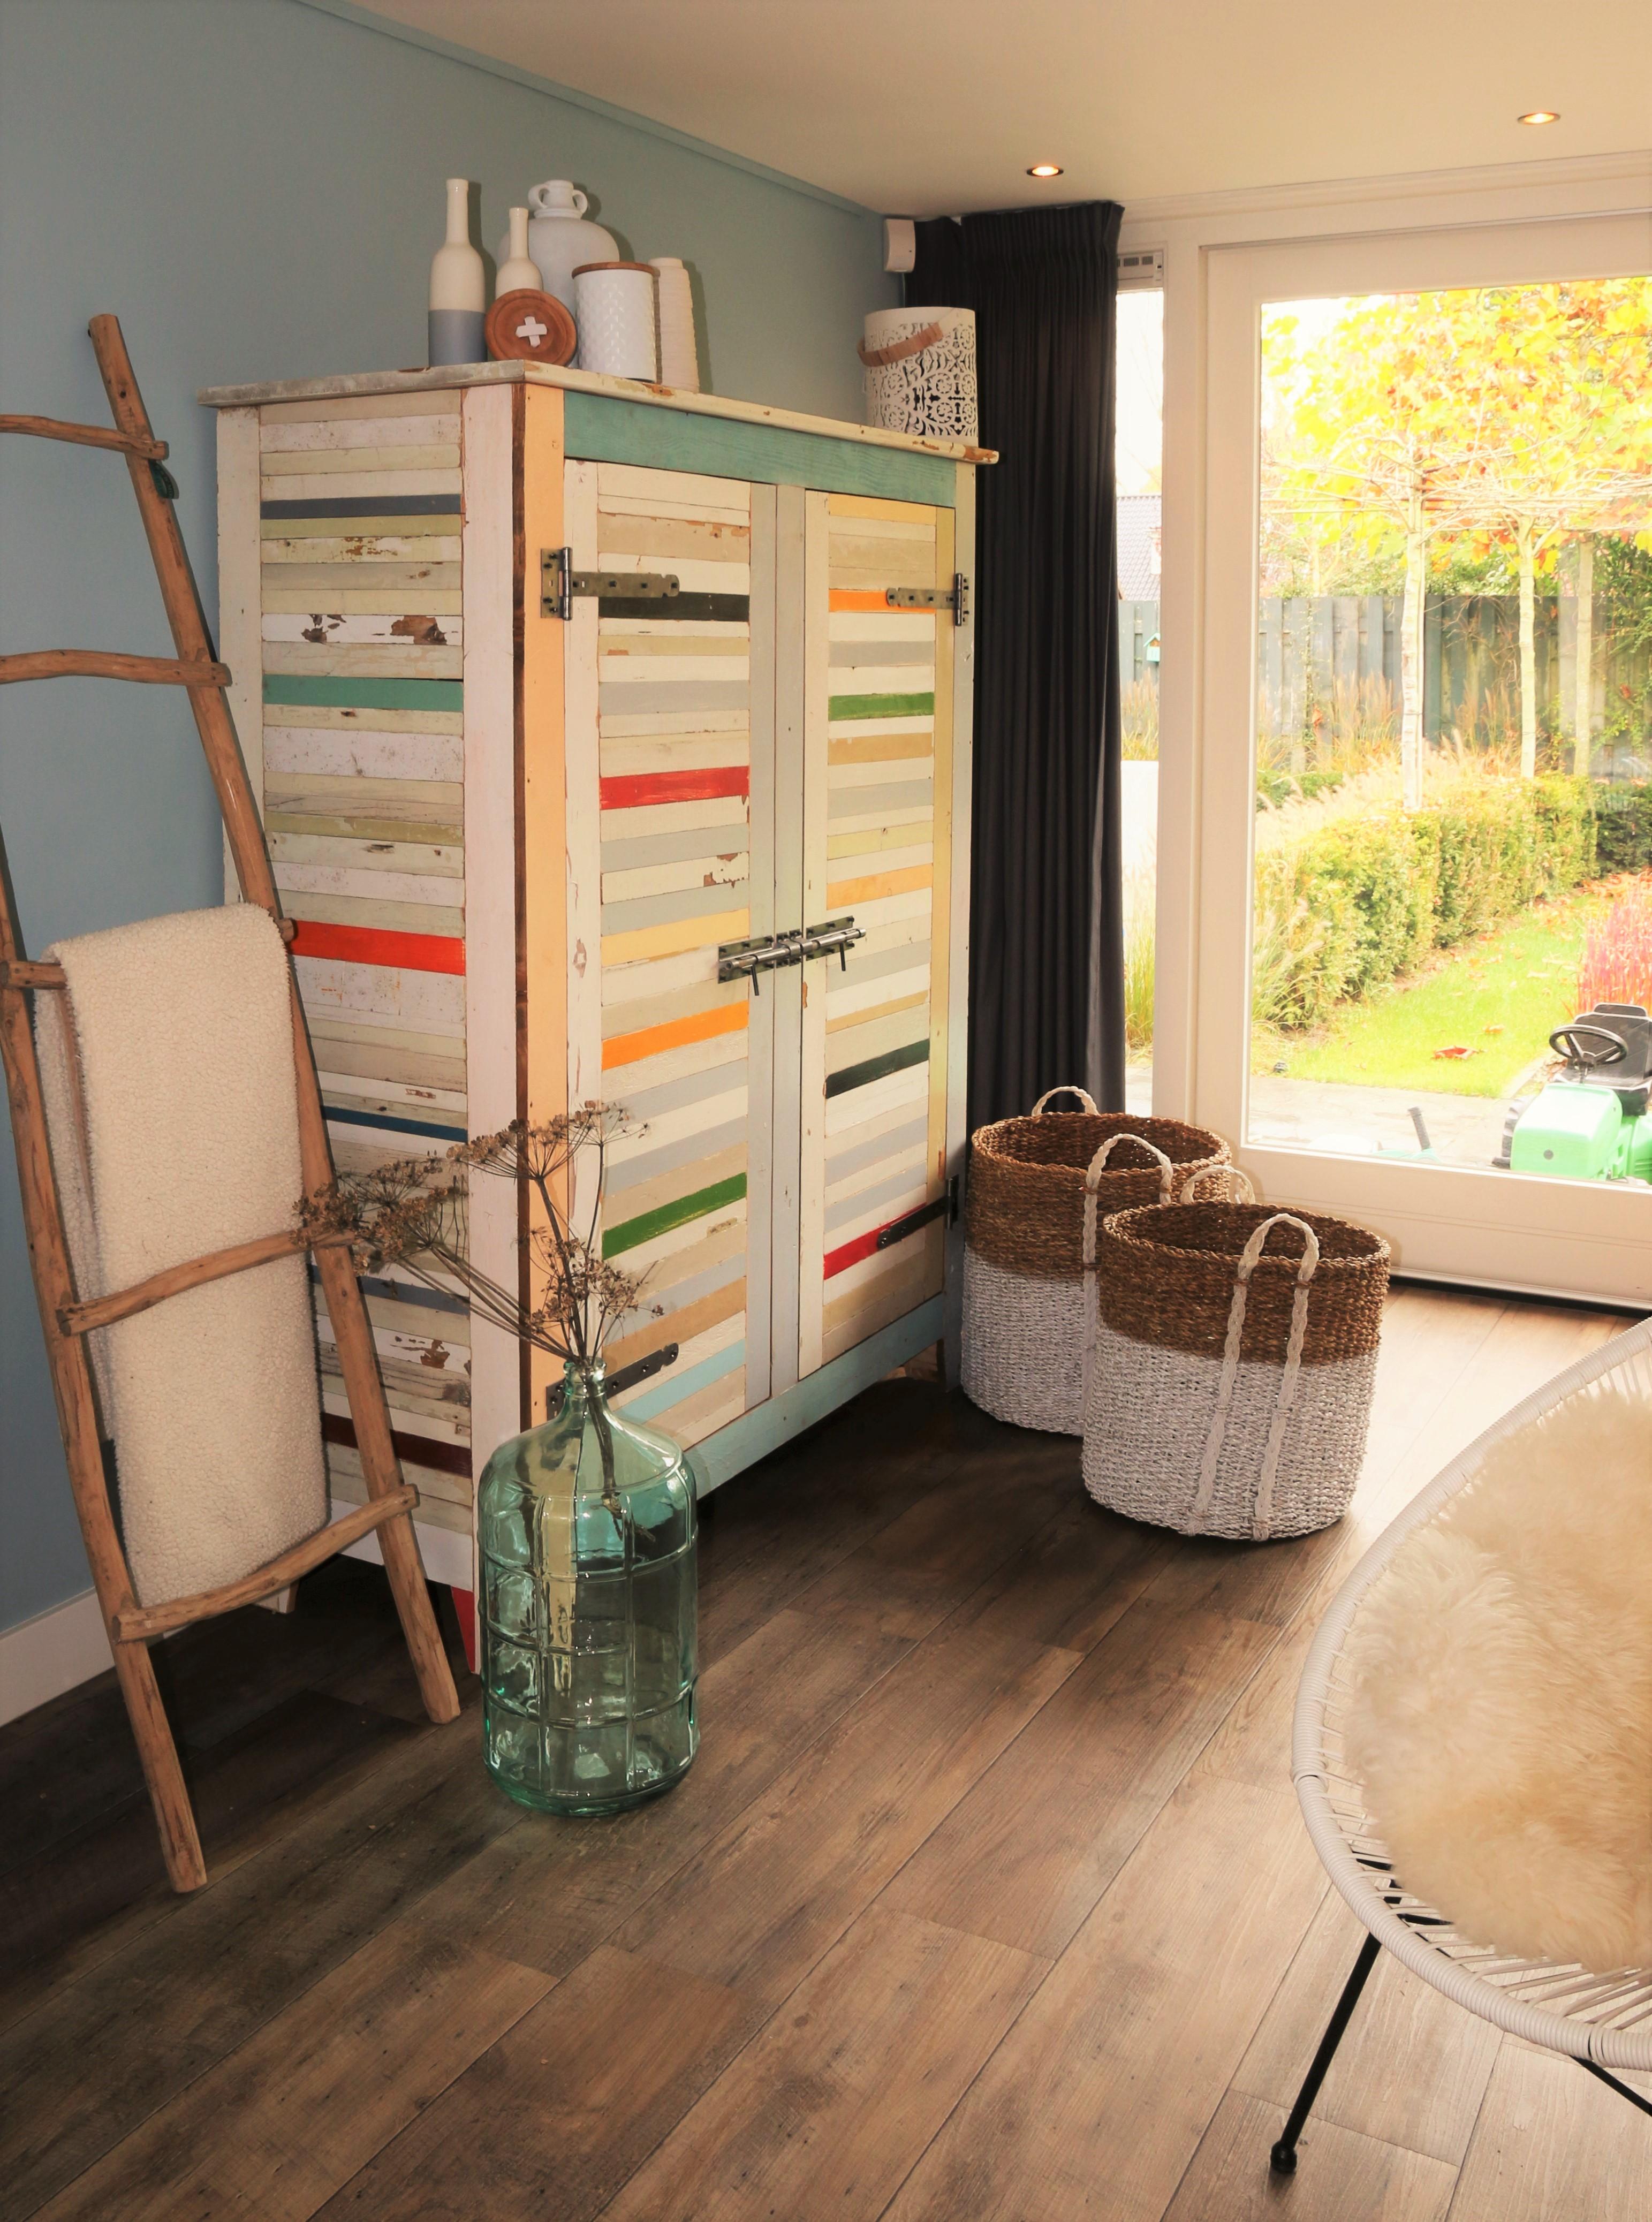 Woonkamer, eetkamer & hal | STUDIO-Sanne - Interieur ontwerp, advies ...